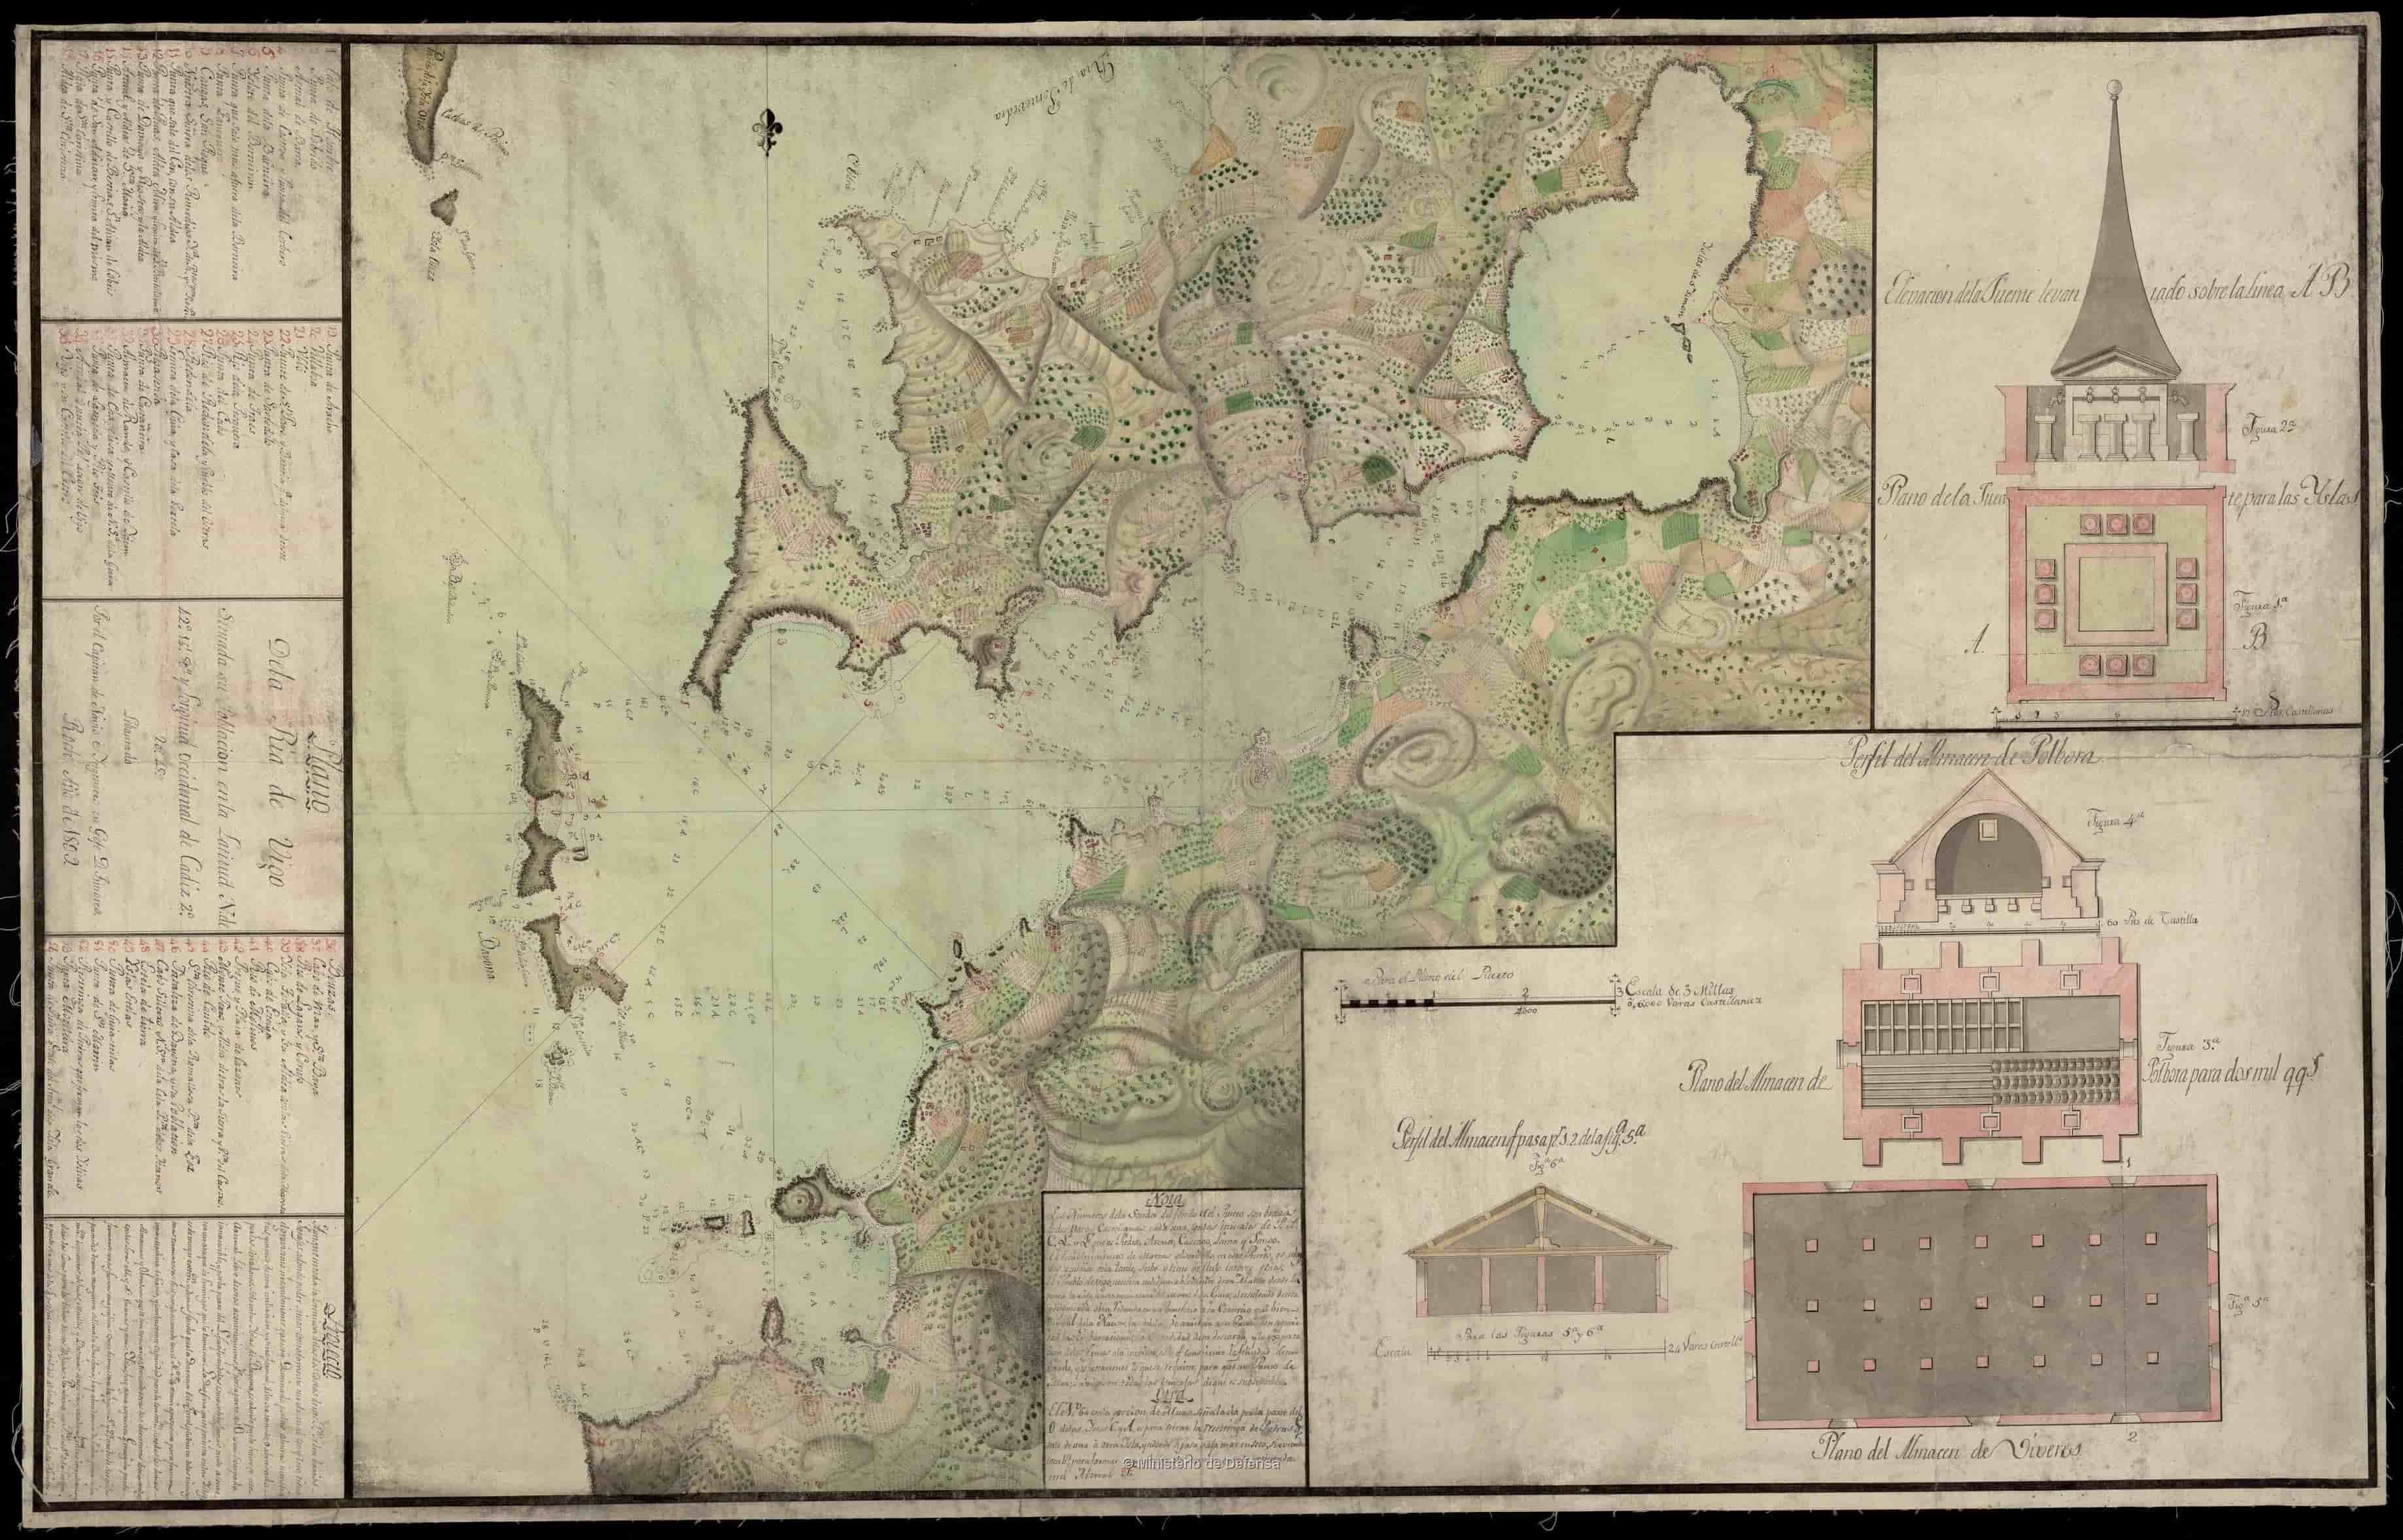 Ría de Vigo e illas Cíes. Exemplo proxectos de fortificación 1809